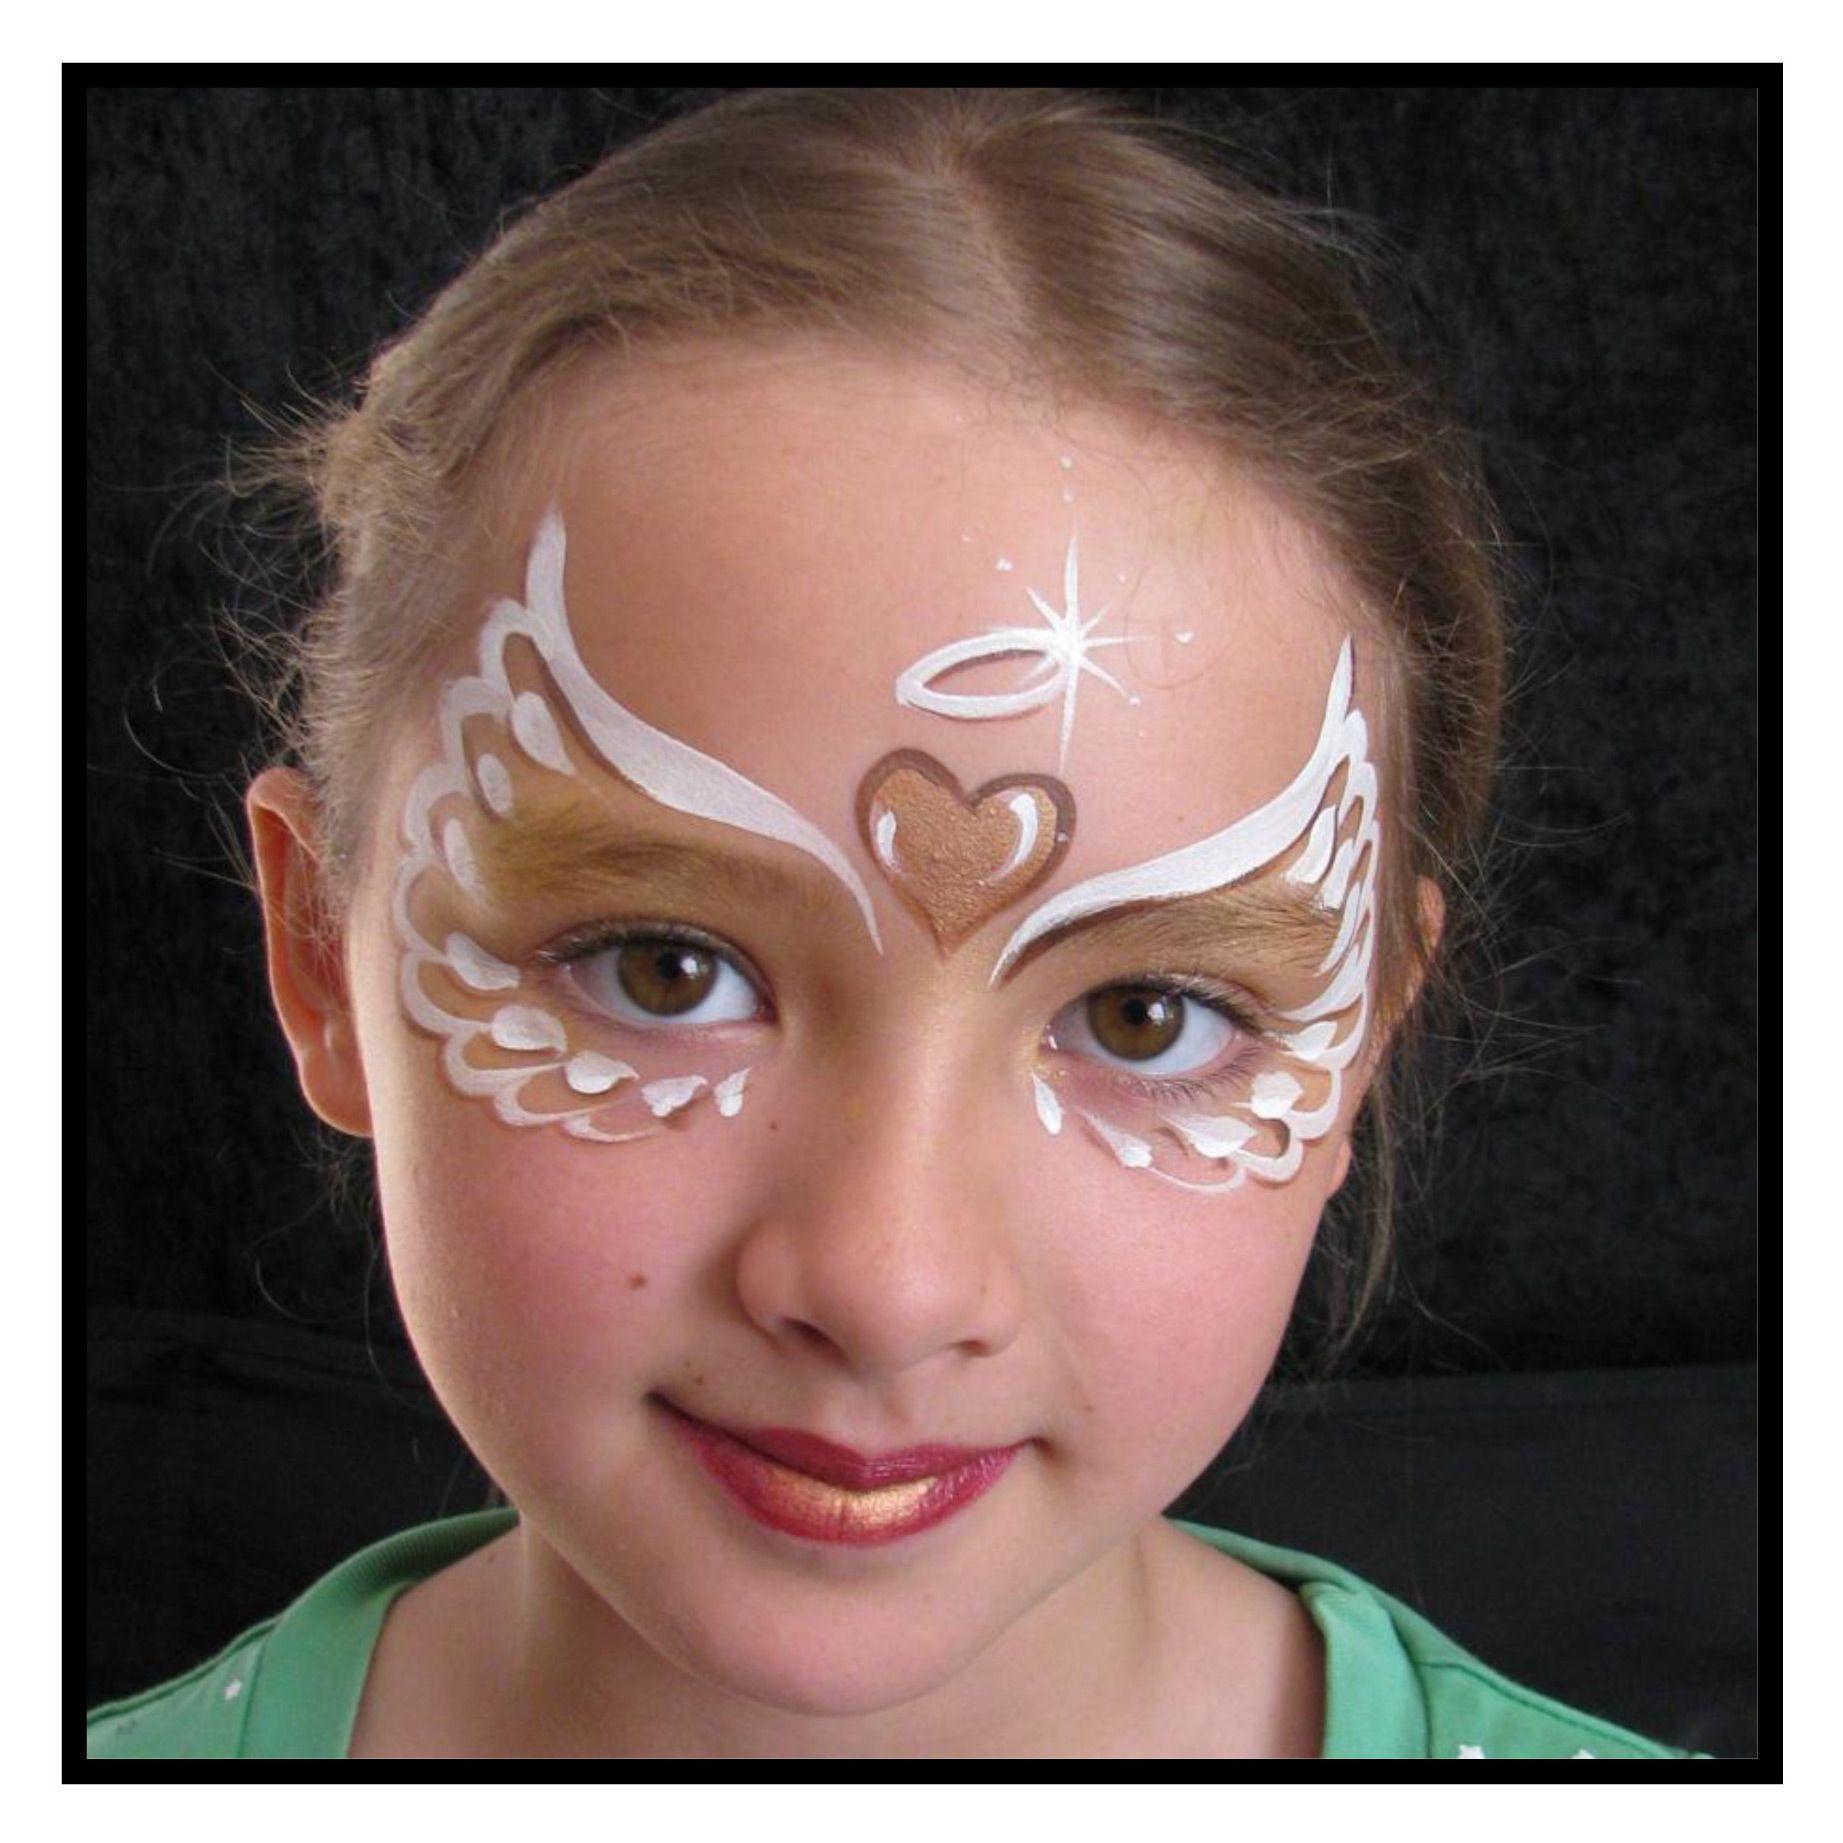 diy maquillage enfant ange maquillage filles pinterest kinder schminken gesicht. Black Bedroom Furniture Sets. Home Design Ideas